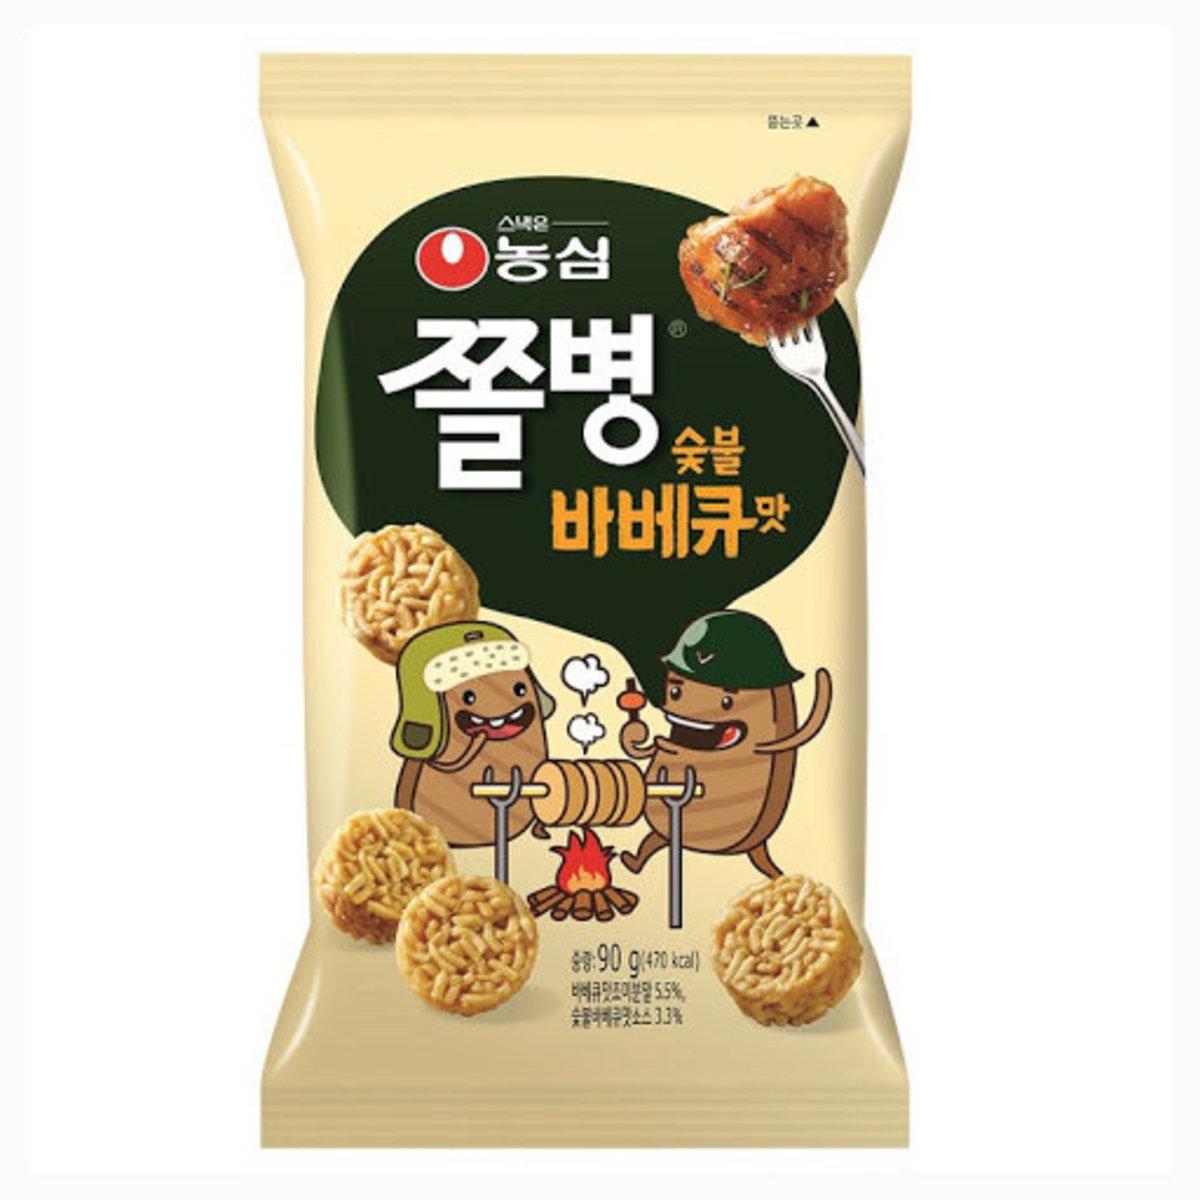 韓國零食BBQ 味小麵餅 90g